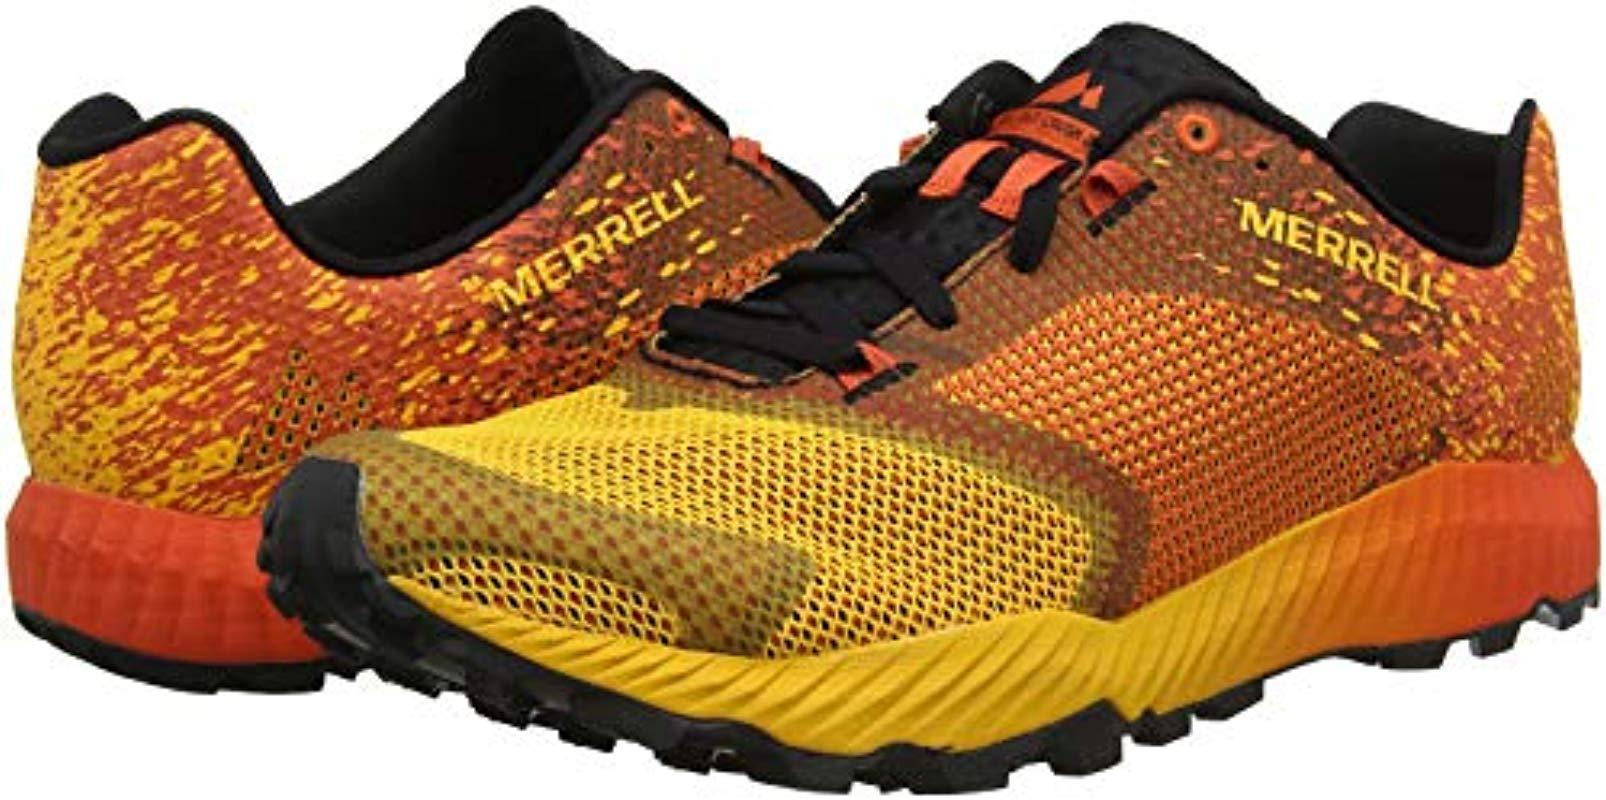 Merrell All Out Crush 2 GTX Trail Running Laufschuhe orange